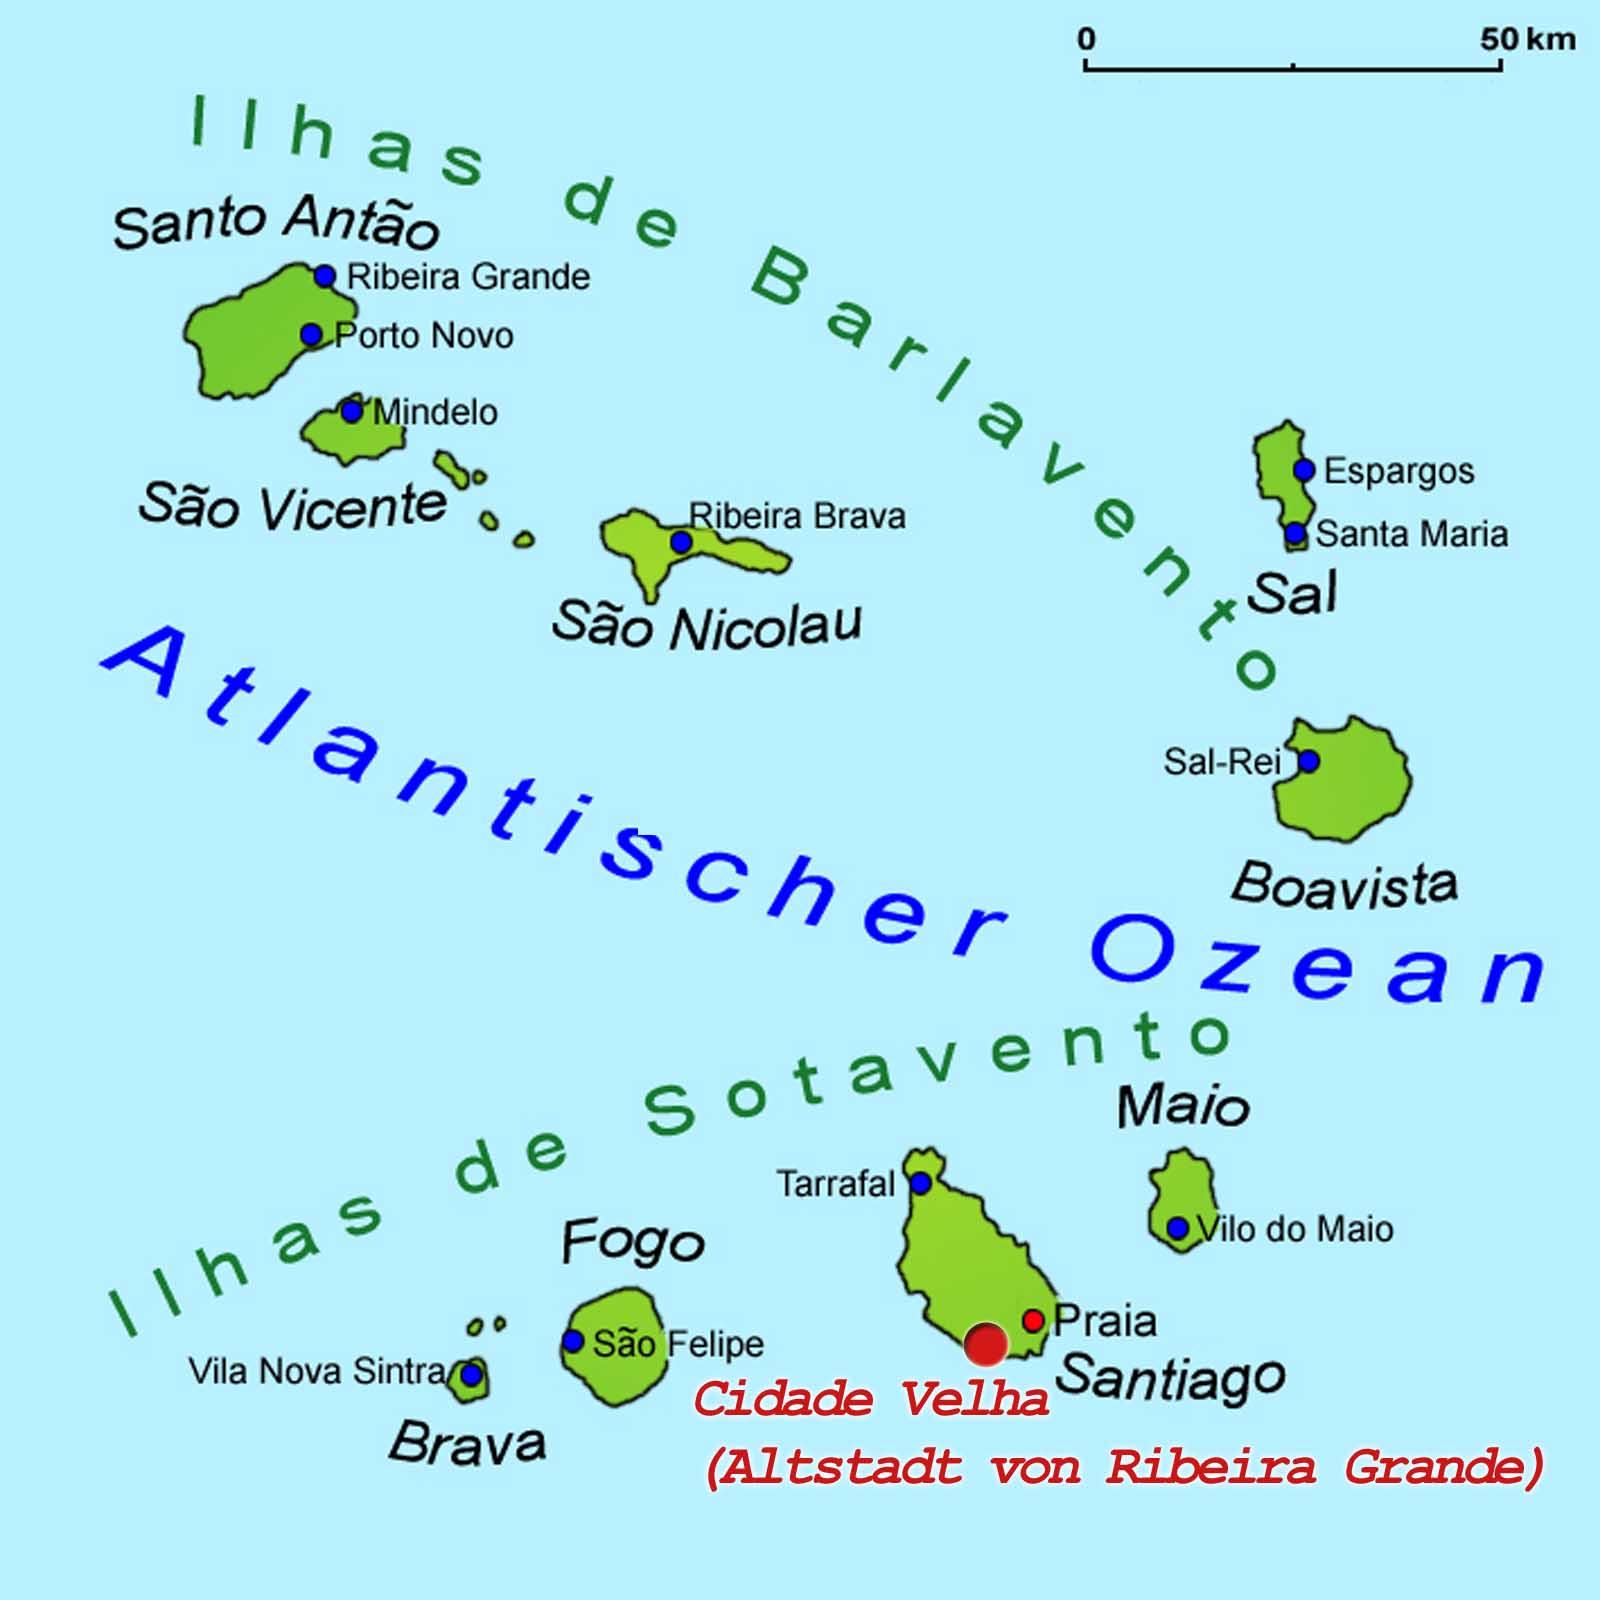 kapverden karte Kap Verde: Sehenswürdigkeiten | Länder | Kapverdische Inseln | Goruma